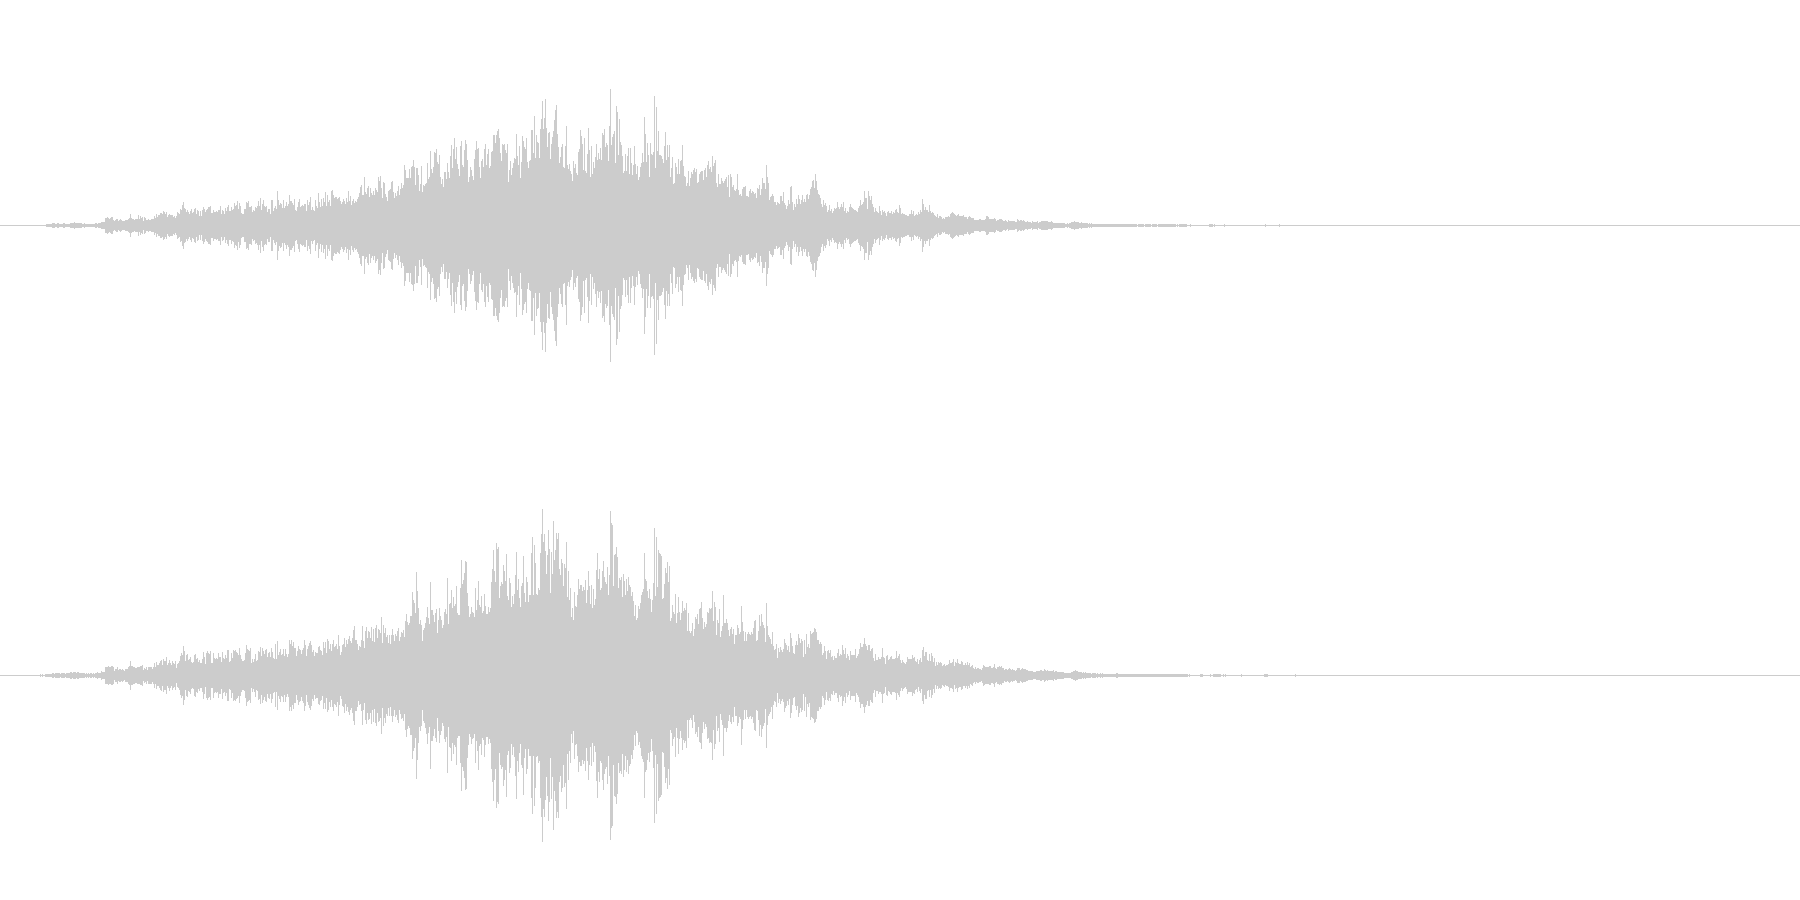 重めの鈴の音「えきろ」フレーズ音1+Fxの未再生の波形